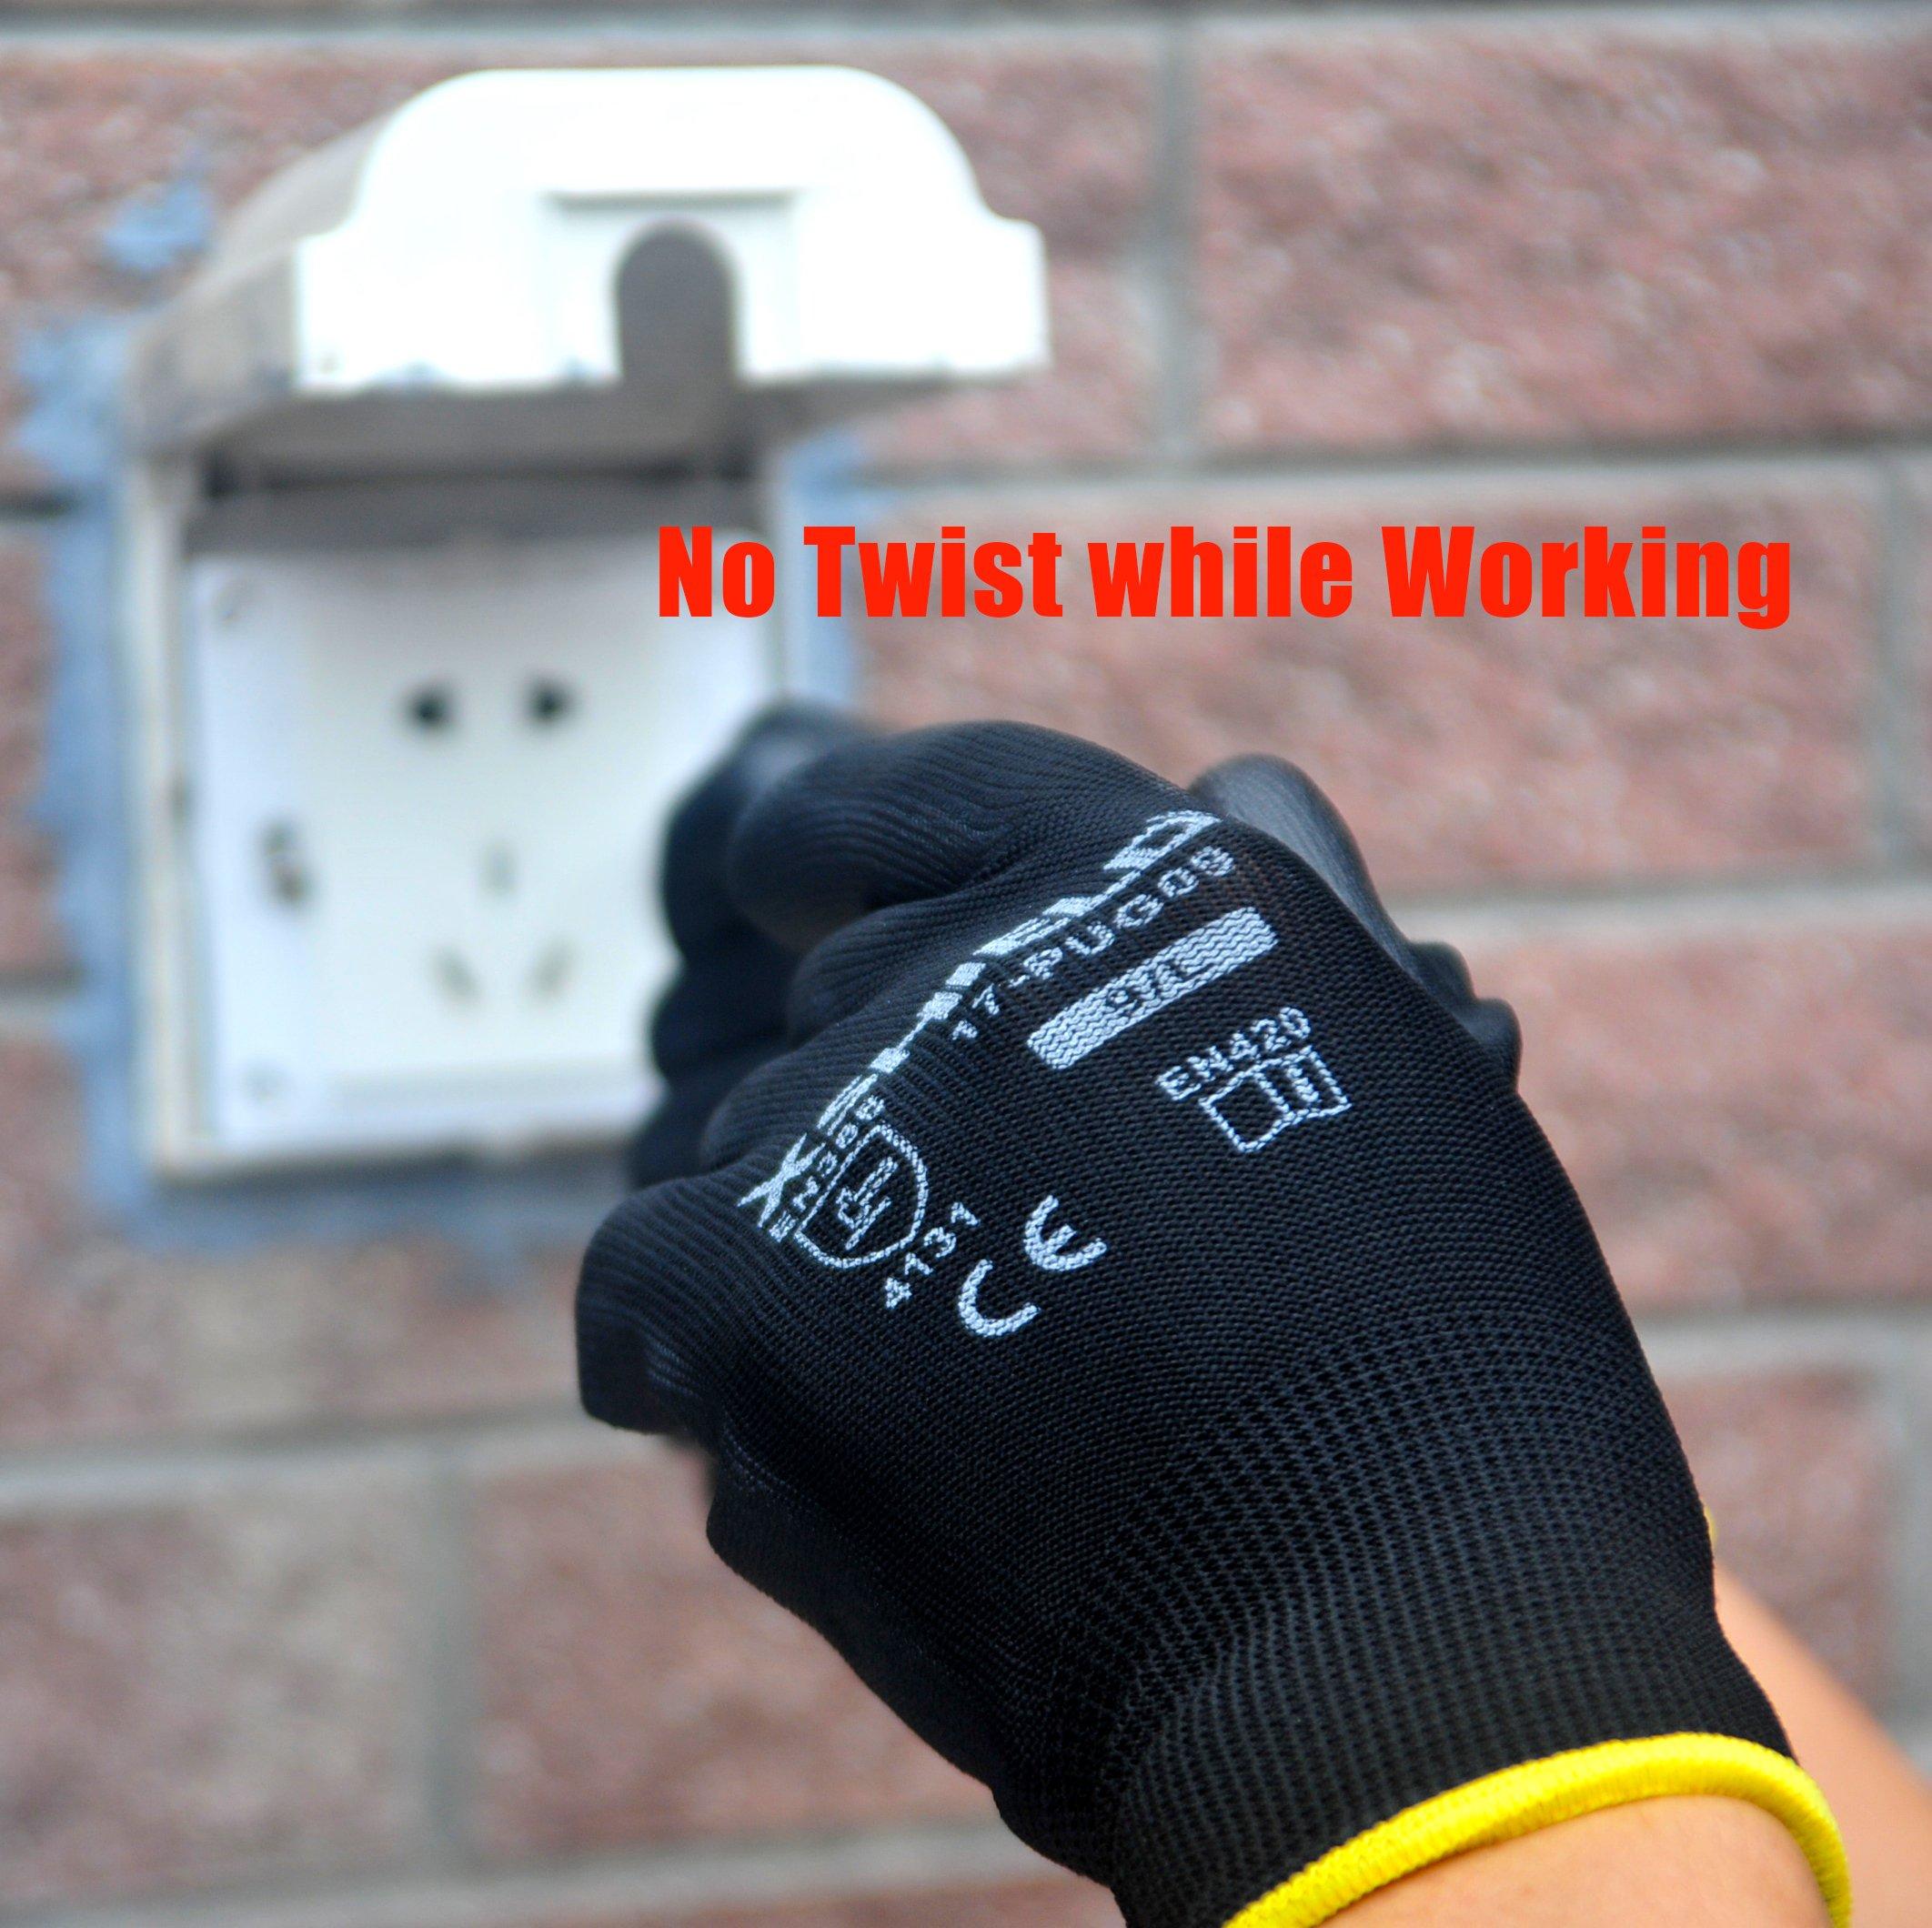 XSHIELD 17-PUG,Polyurethane/Nylon Safety WORK Glove,BLACK,12 Pairs (Large) by XSHIELD (Image #2)